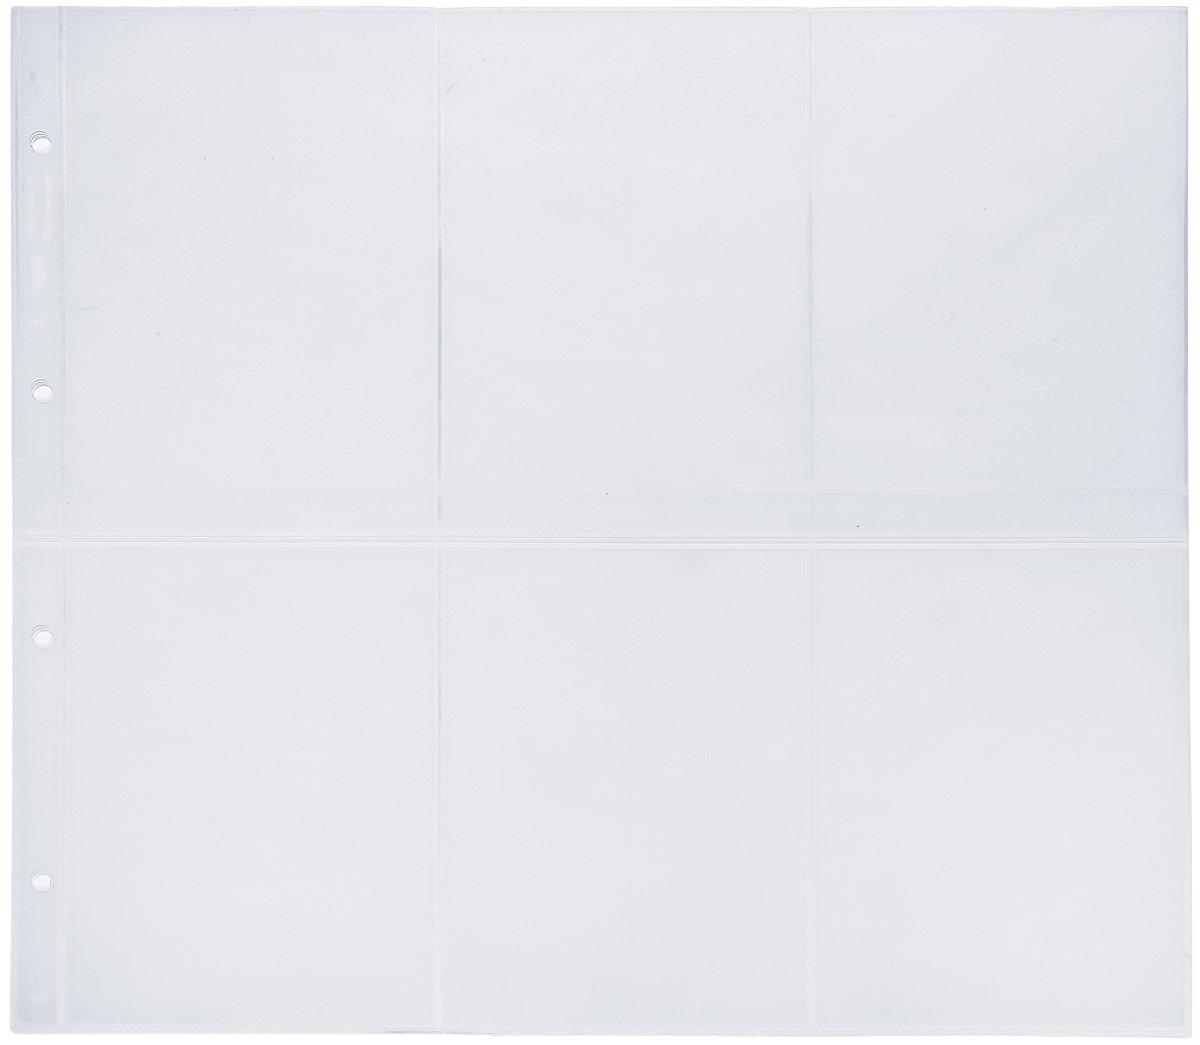 Лист в альбом, в альбом Max 3C, на 6 ячеек, цвет: прозрачный, 5 шт лист в альбом numis nh 6 для монет leuchtturm на 6 ячеек 5 шт